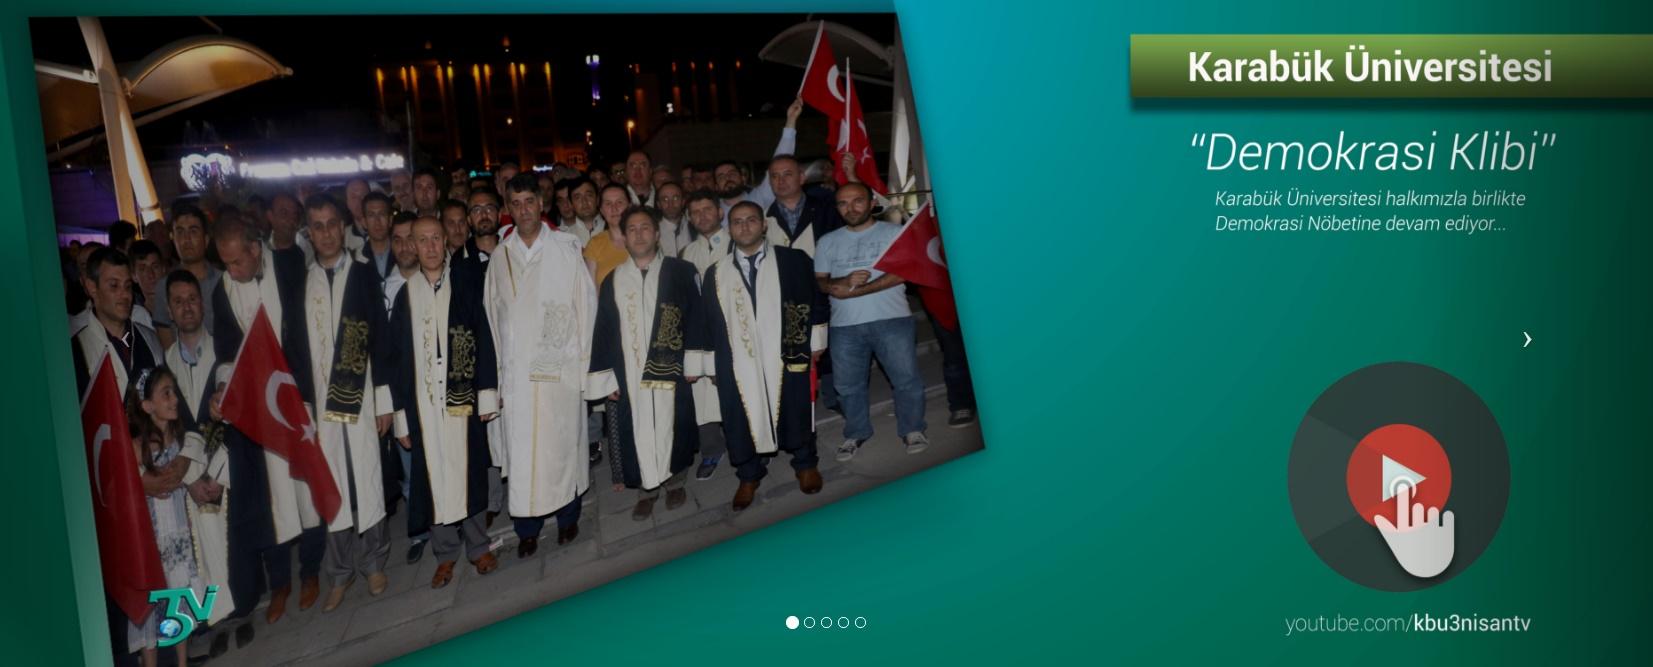 Karabük Üniversitesi Demokrasi Klibi